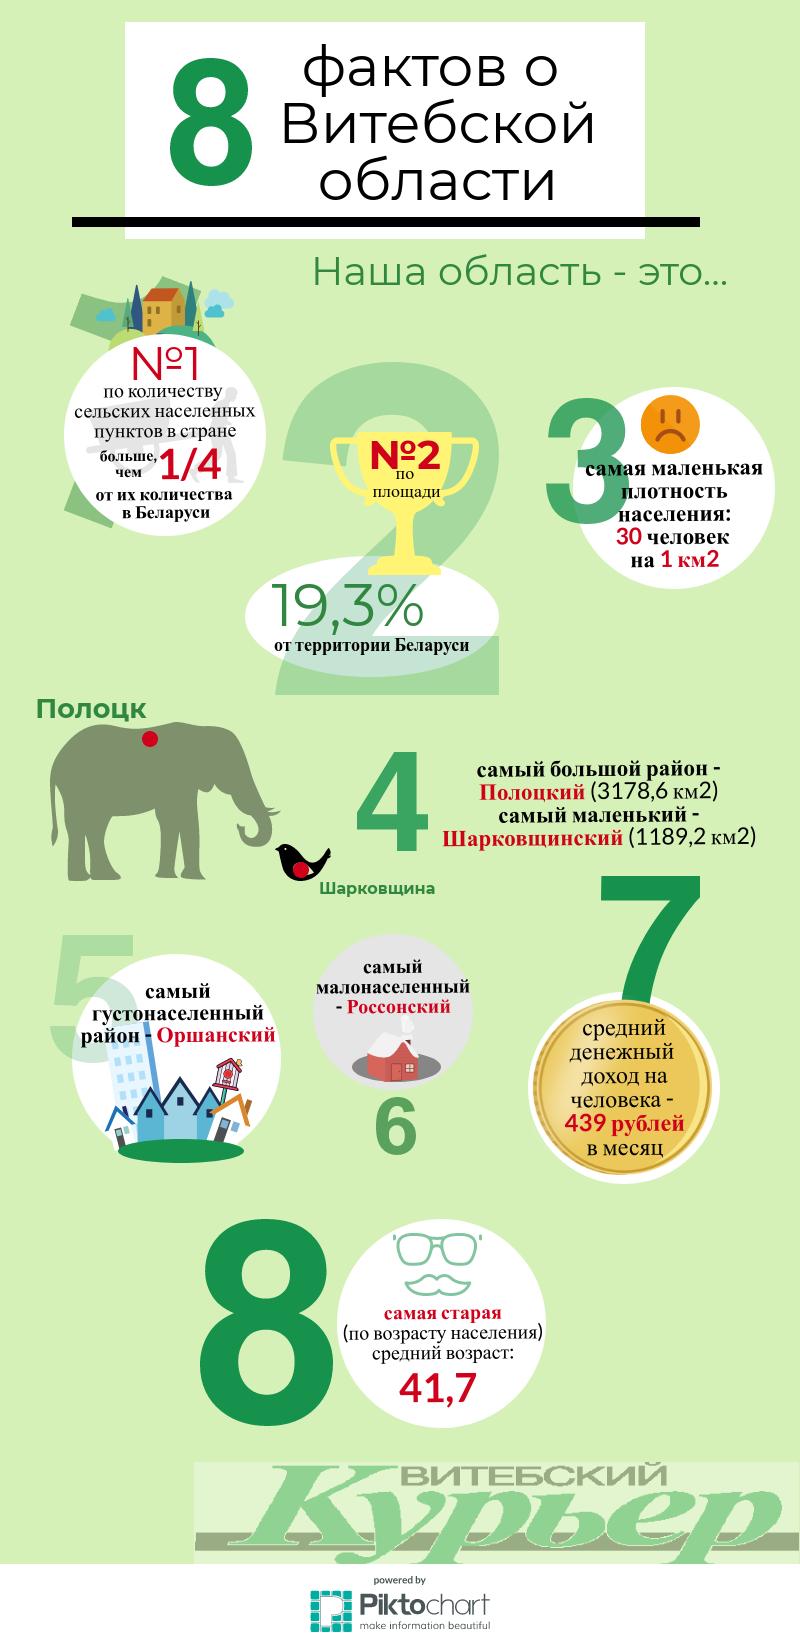 8 интересных фактов о Витебской области. Коротко и доступно